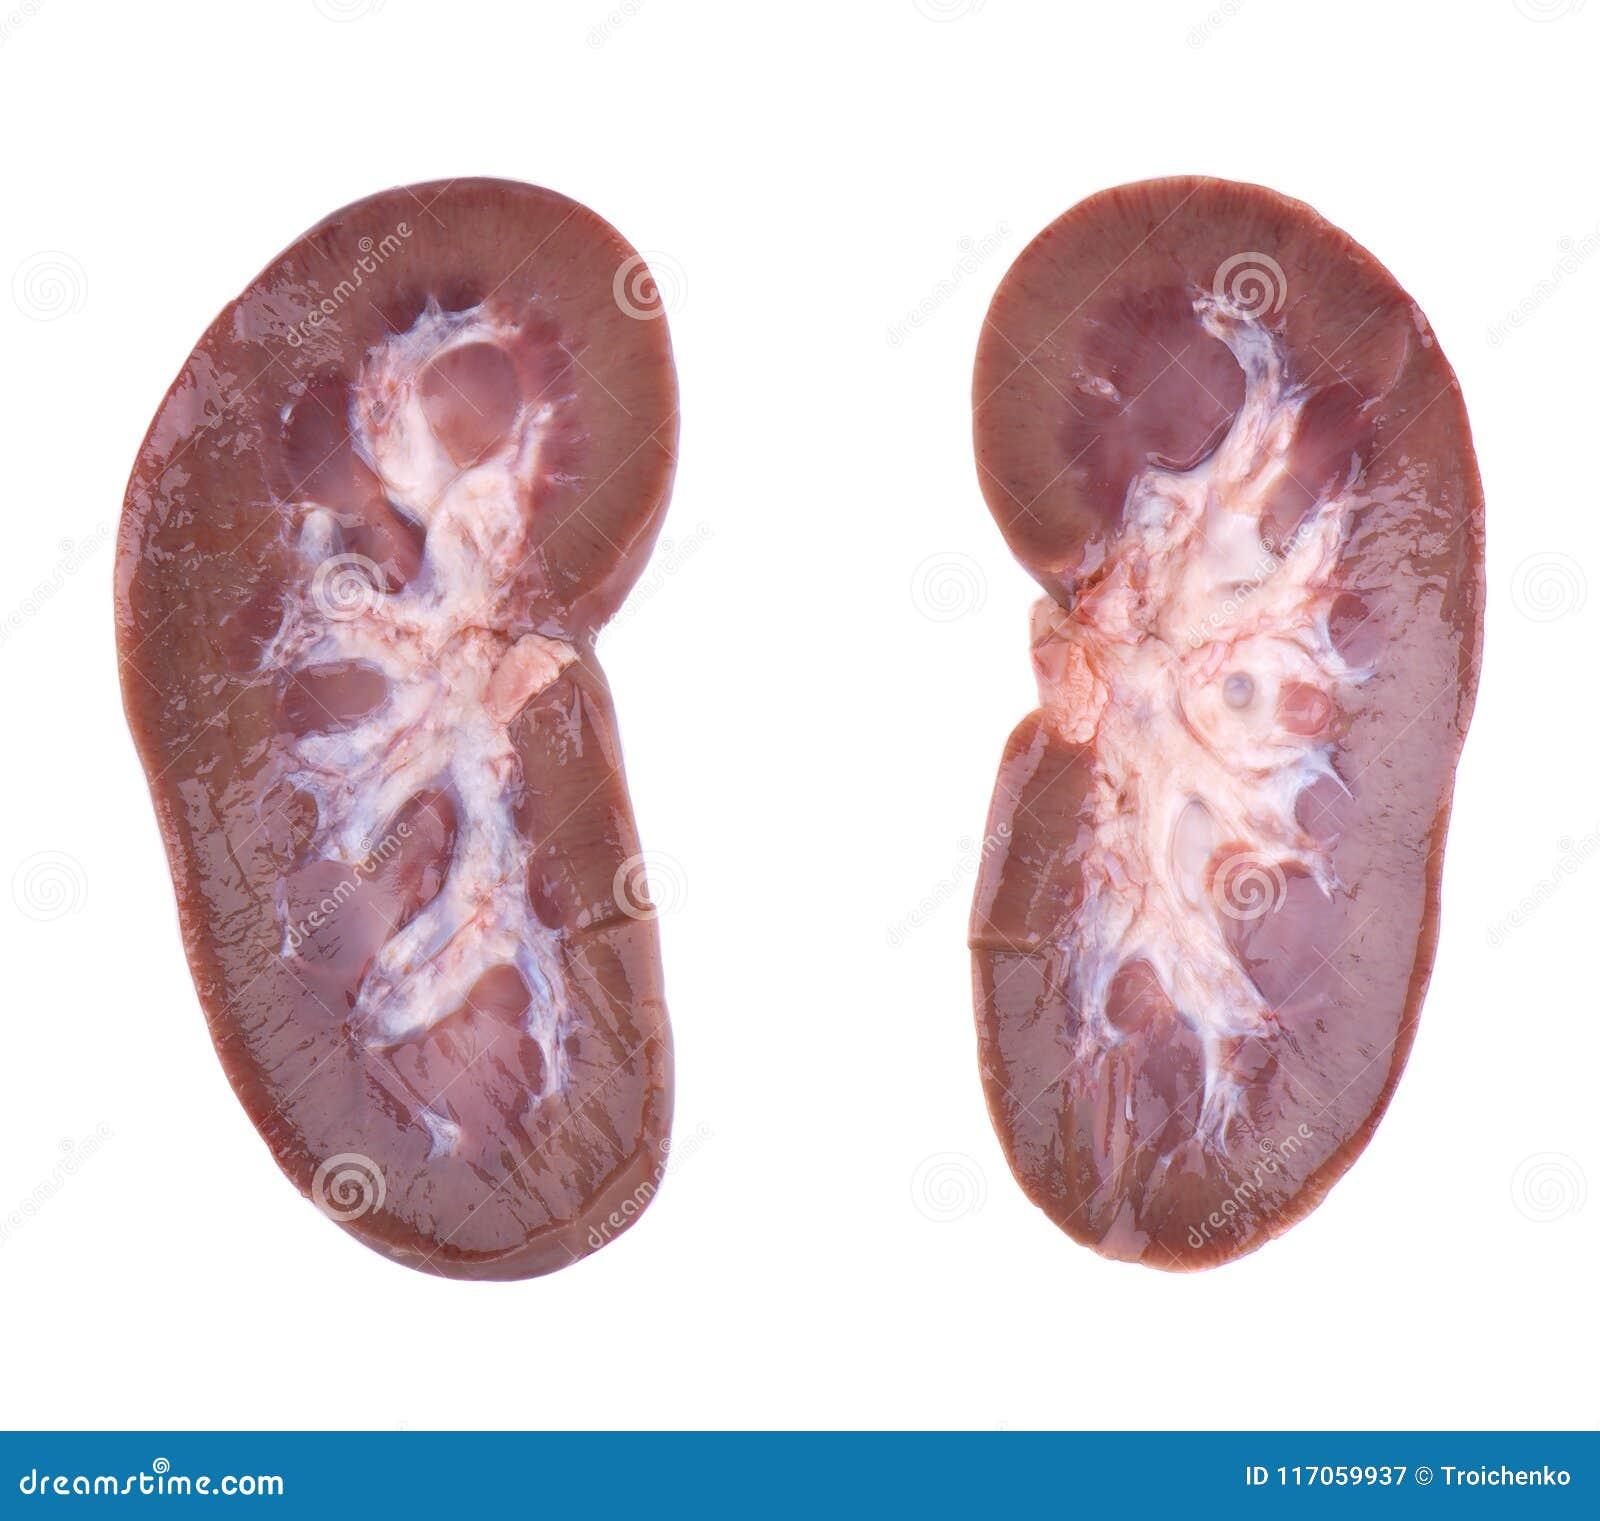 Contemporáneo Anatomía Externa De Cerdo Fetal Bosquejo - Anatomía de ...